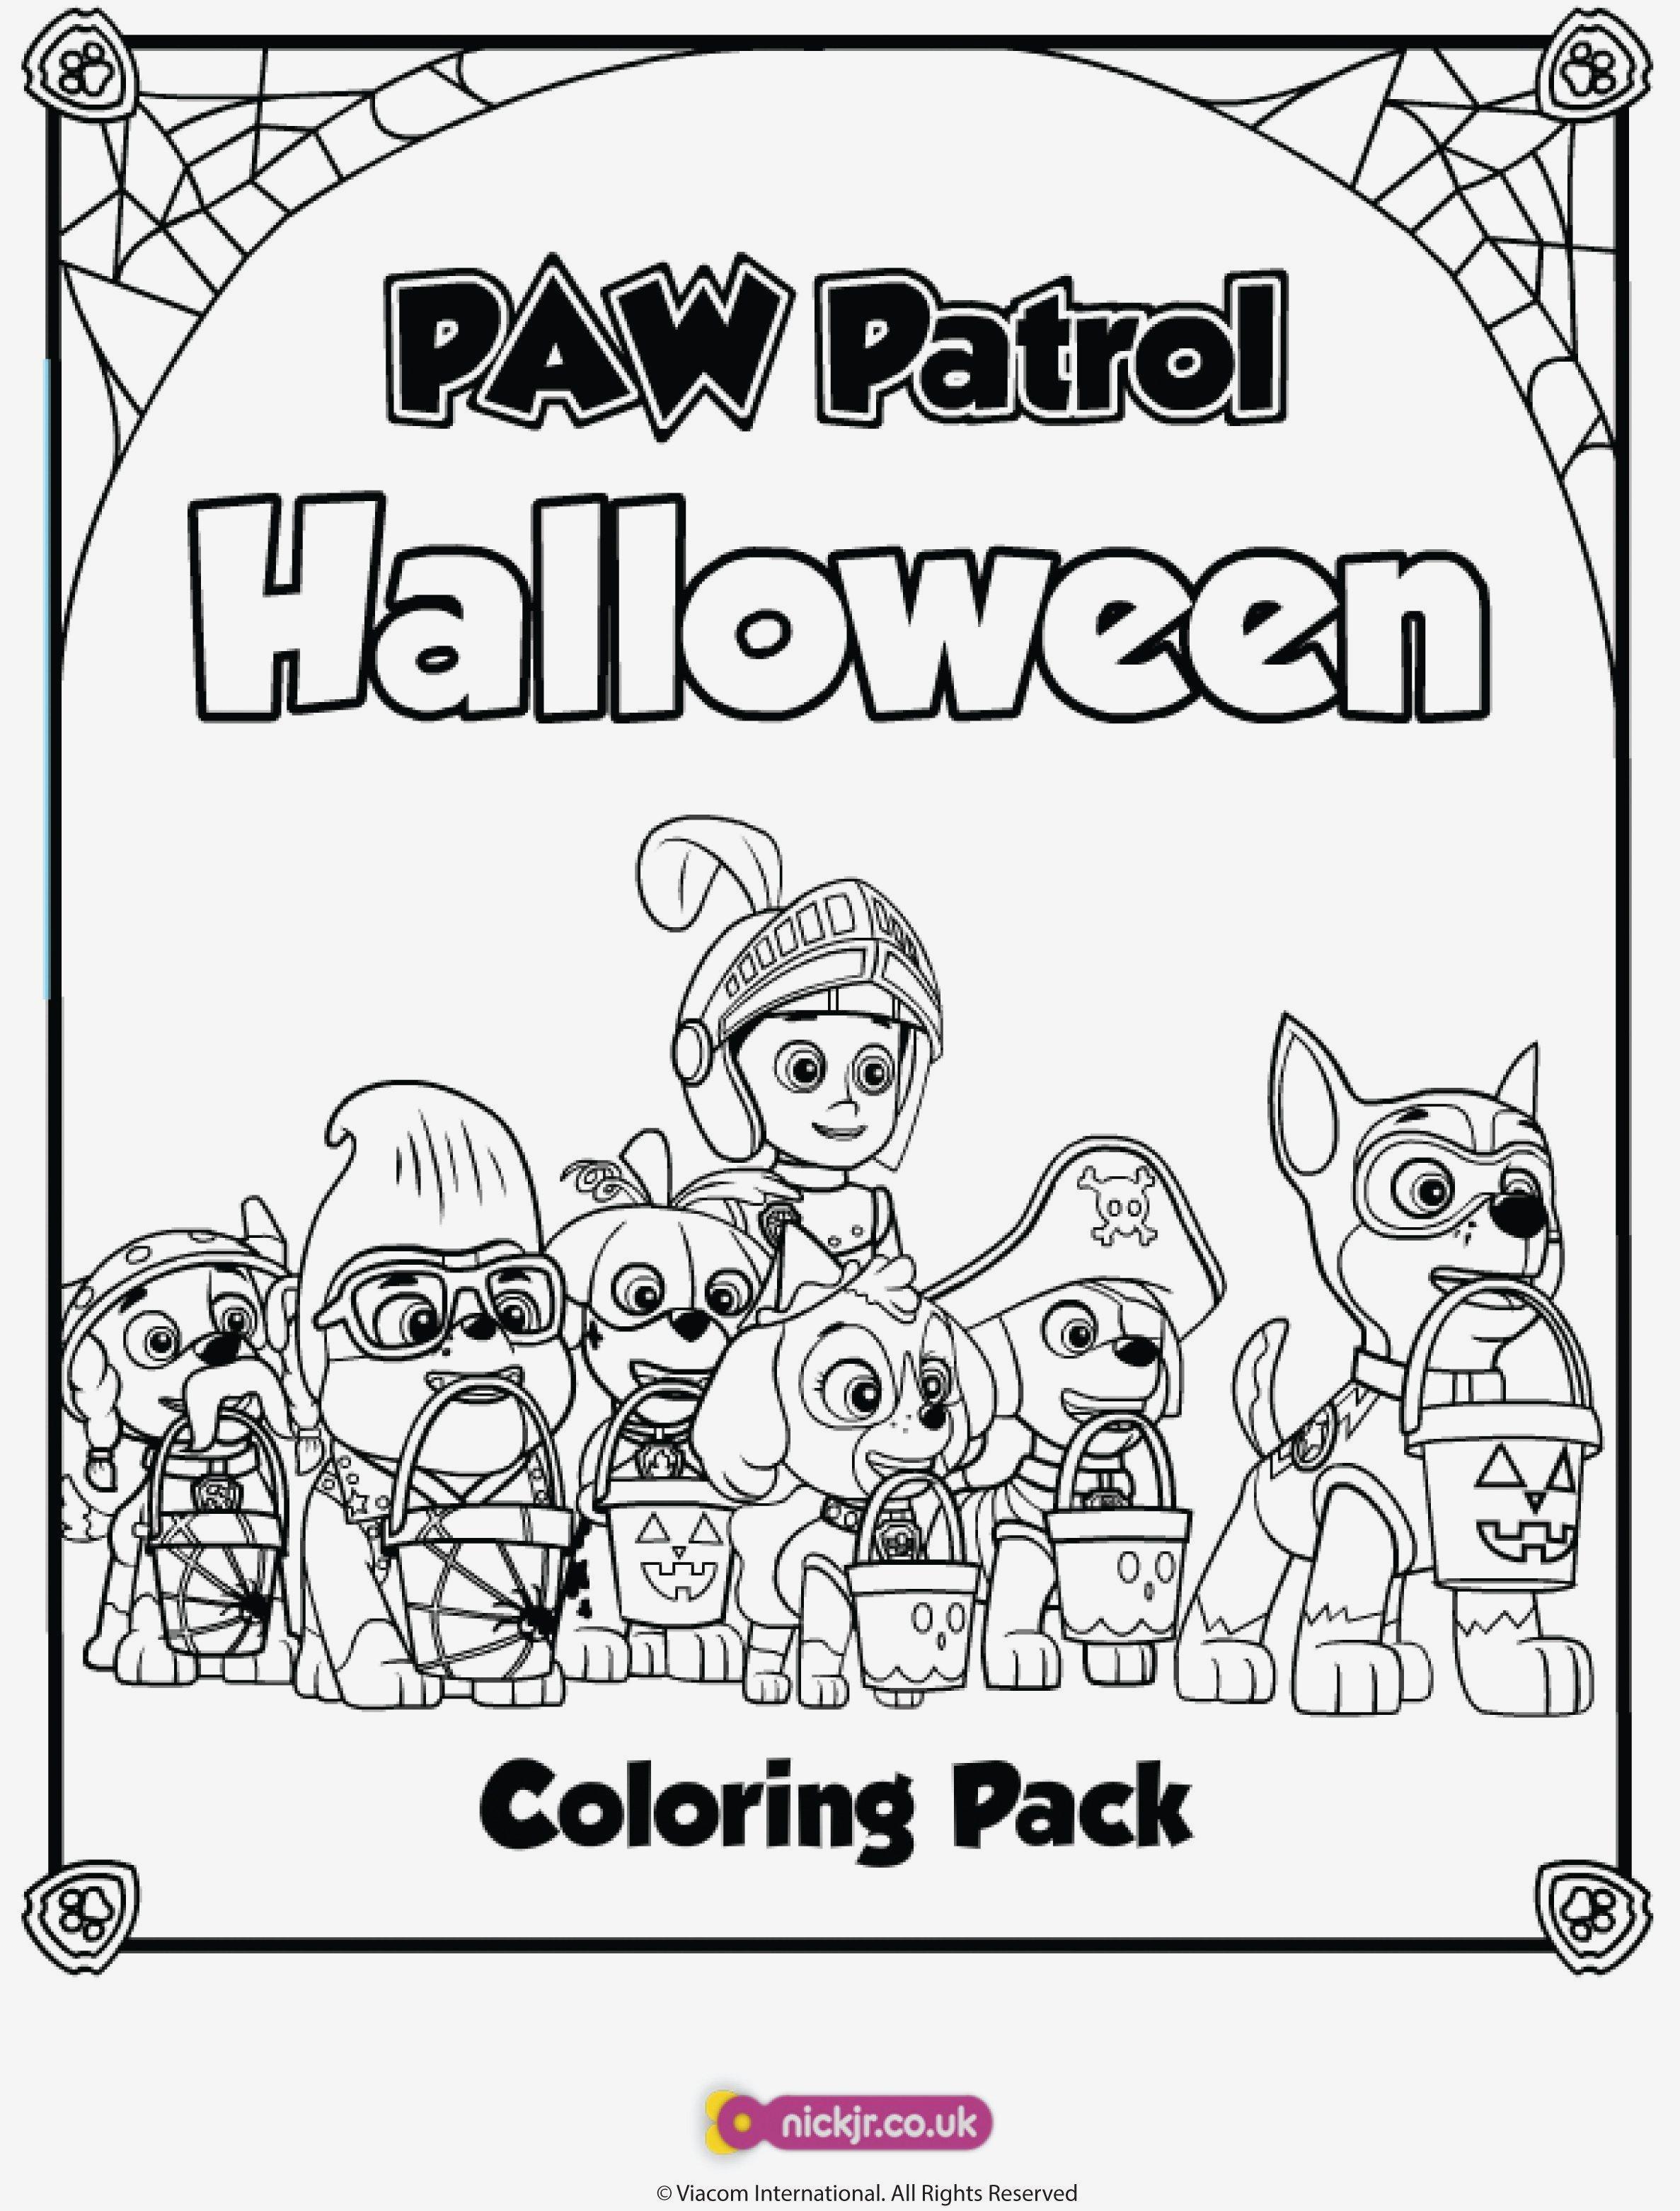 Paw Patrol Ausmalbilder Tracker Inspirierend Eine Sammlung Von Färbung Bilder Gratis Malvorlagen Paw Patrol Bilder